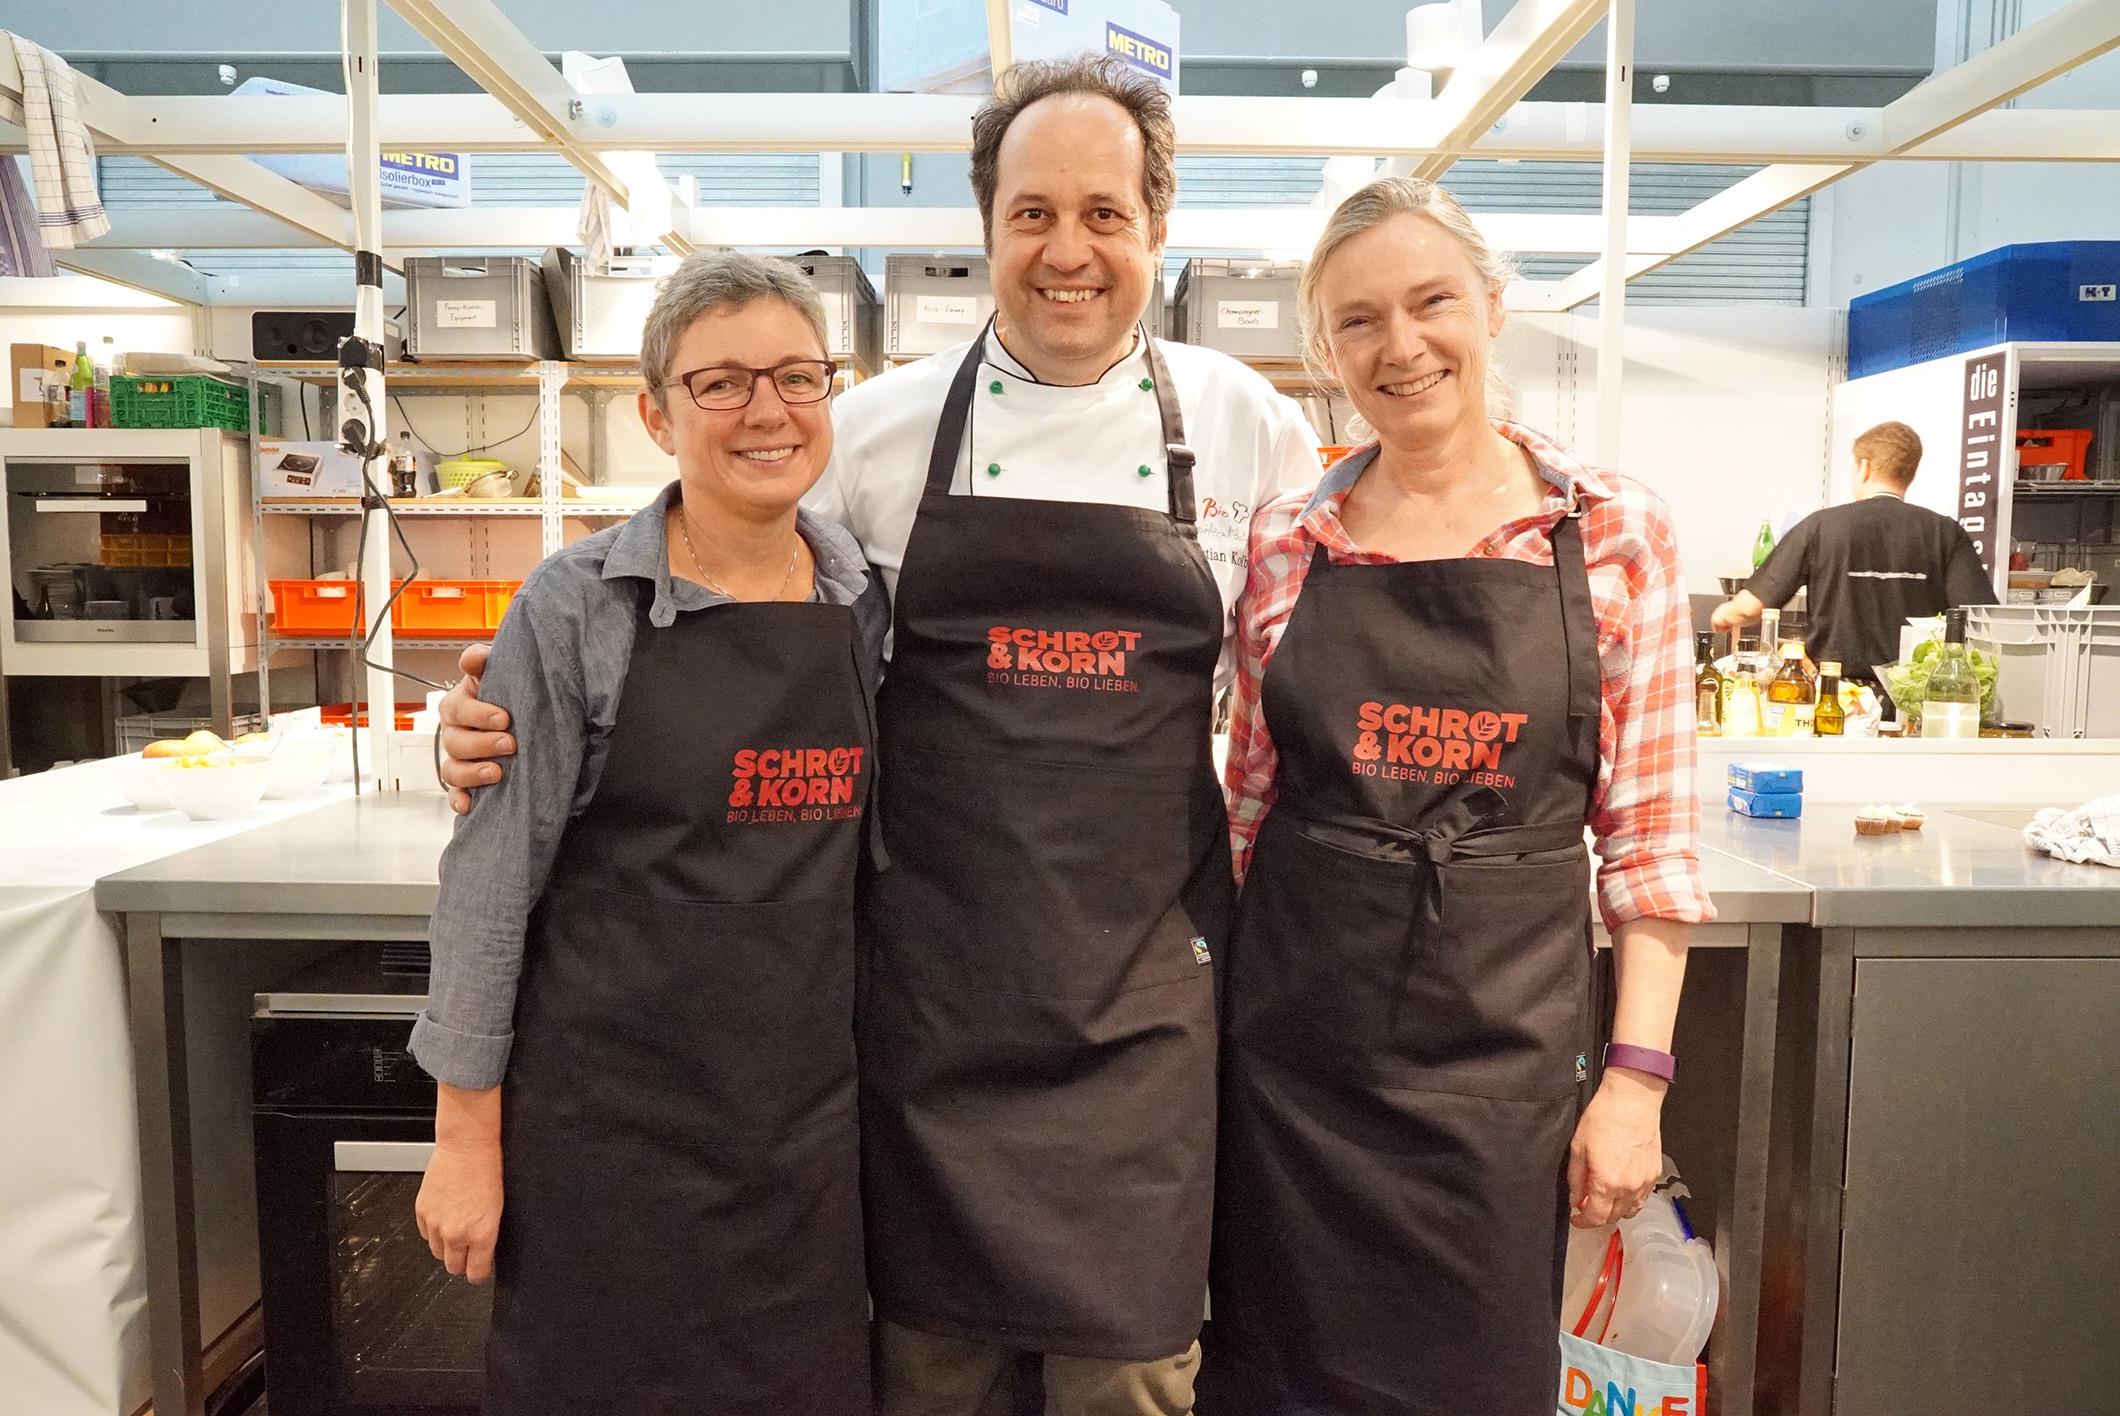 Frankfurter Buchmesse: Captain's Dinner kocht auf der Bühne der Gourmet Gallery!